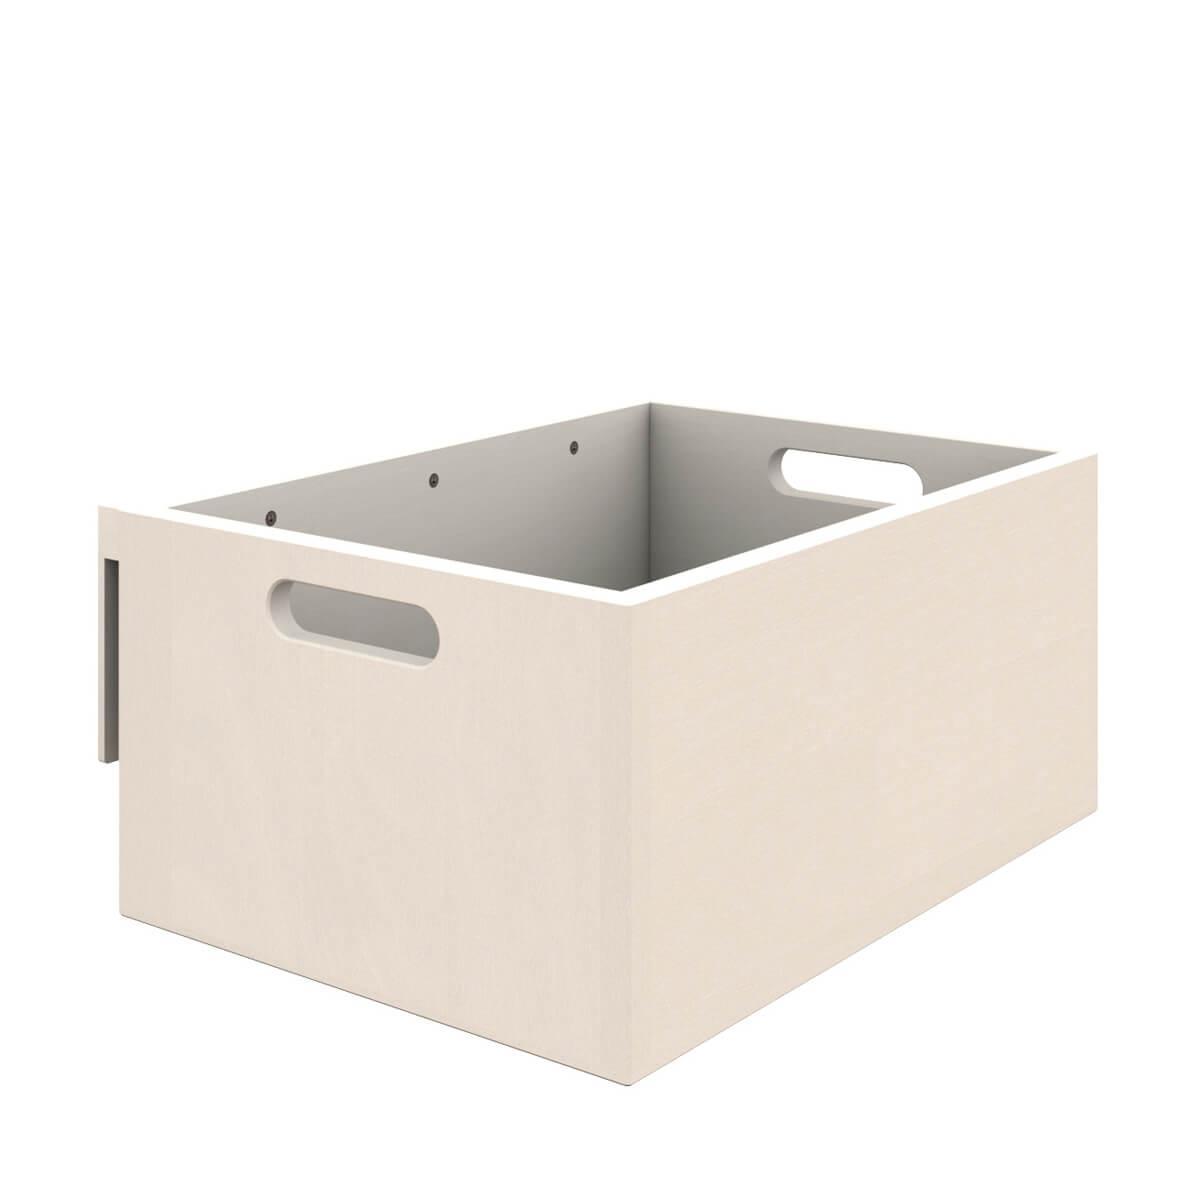 Caja almacenamiento colgante cama DESTYLE de Breuyn haya blanco